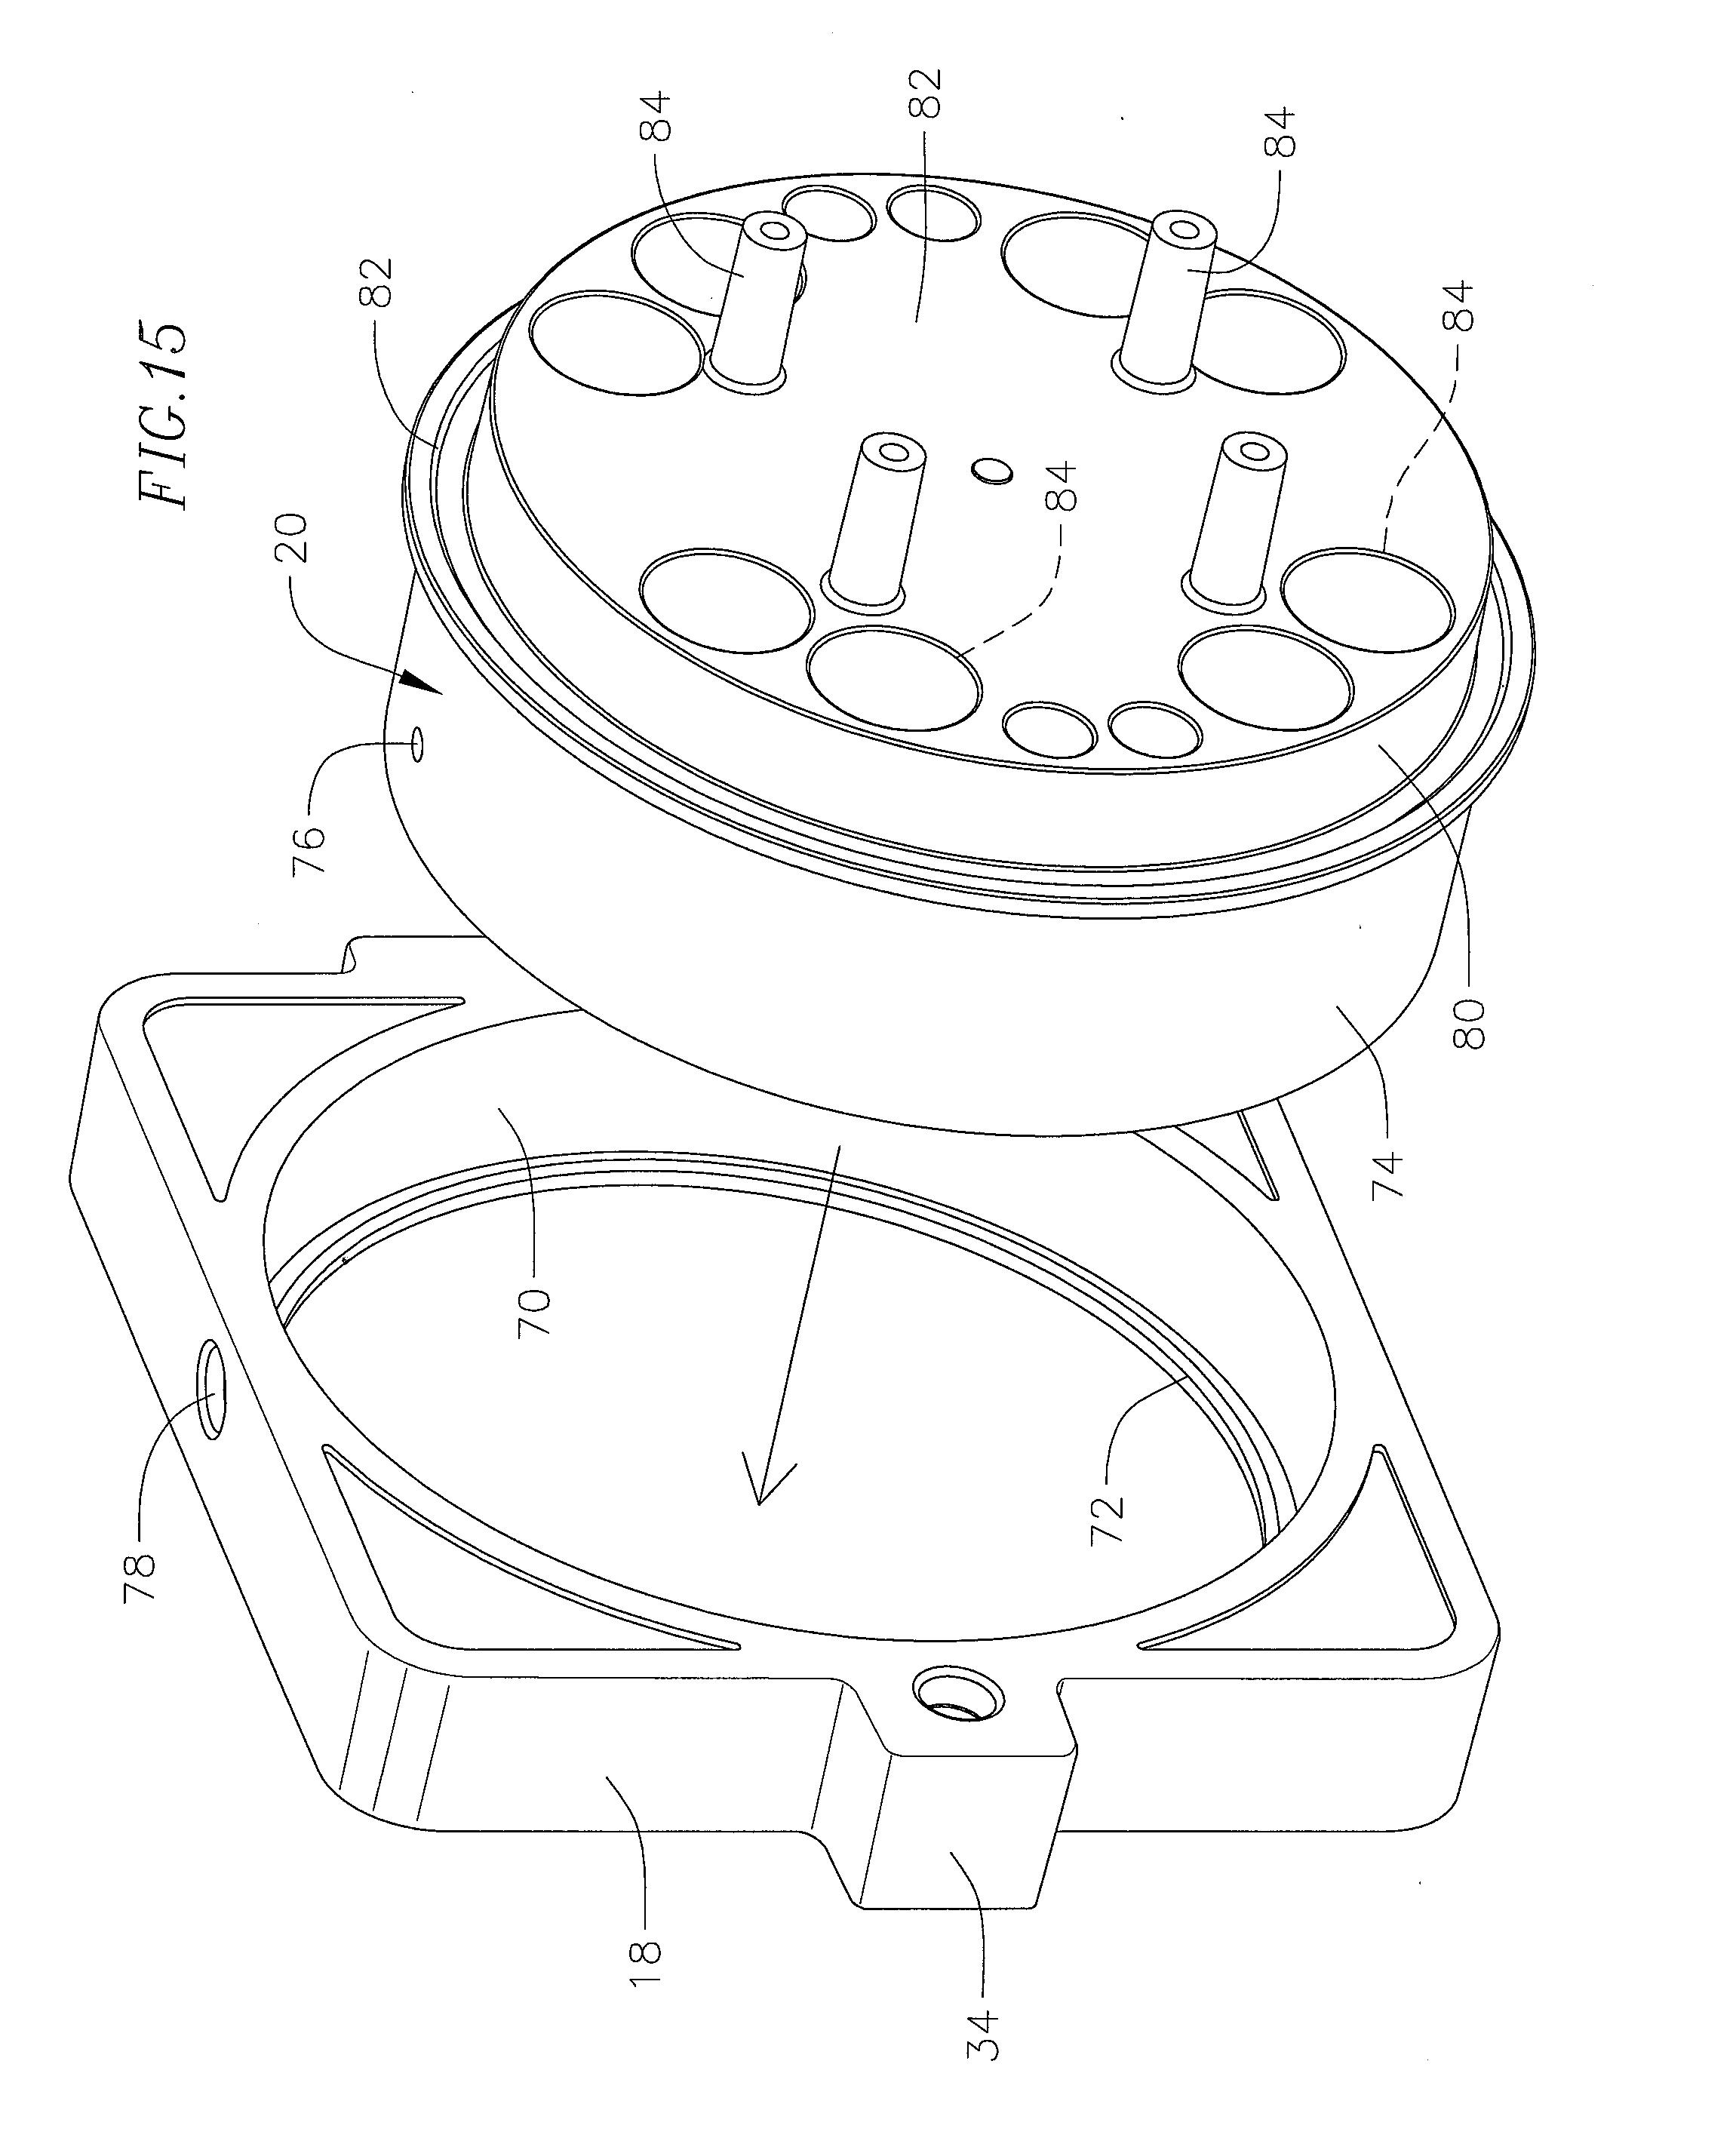 patent us20140196380